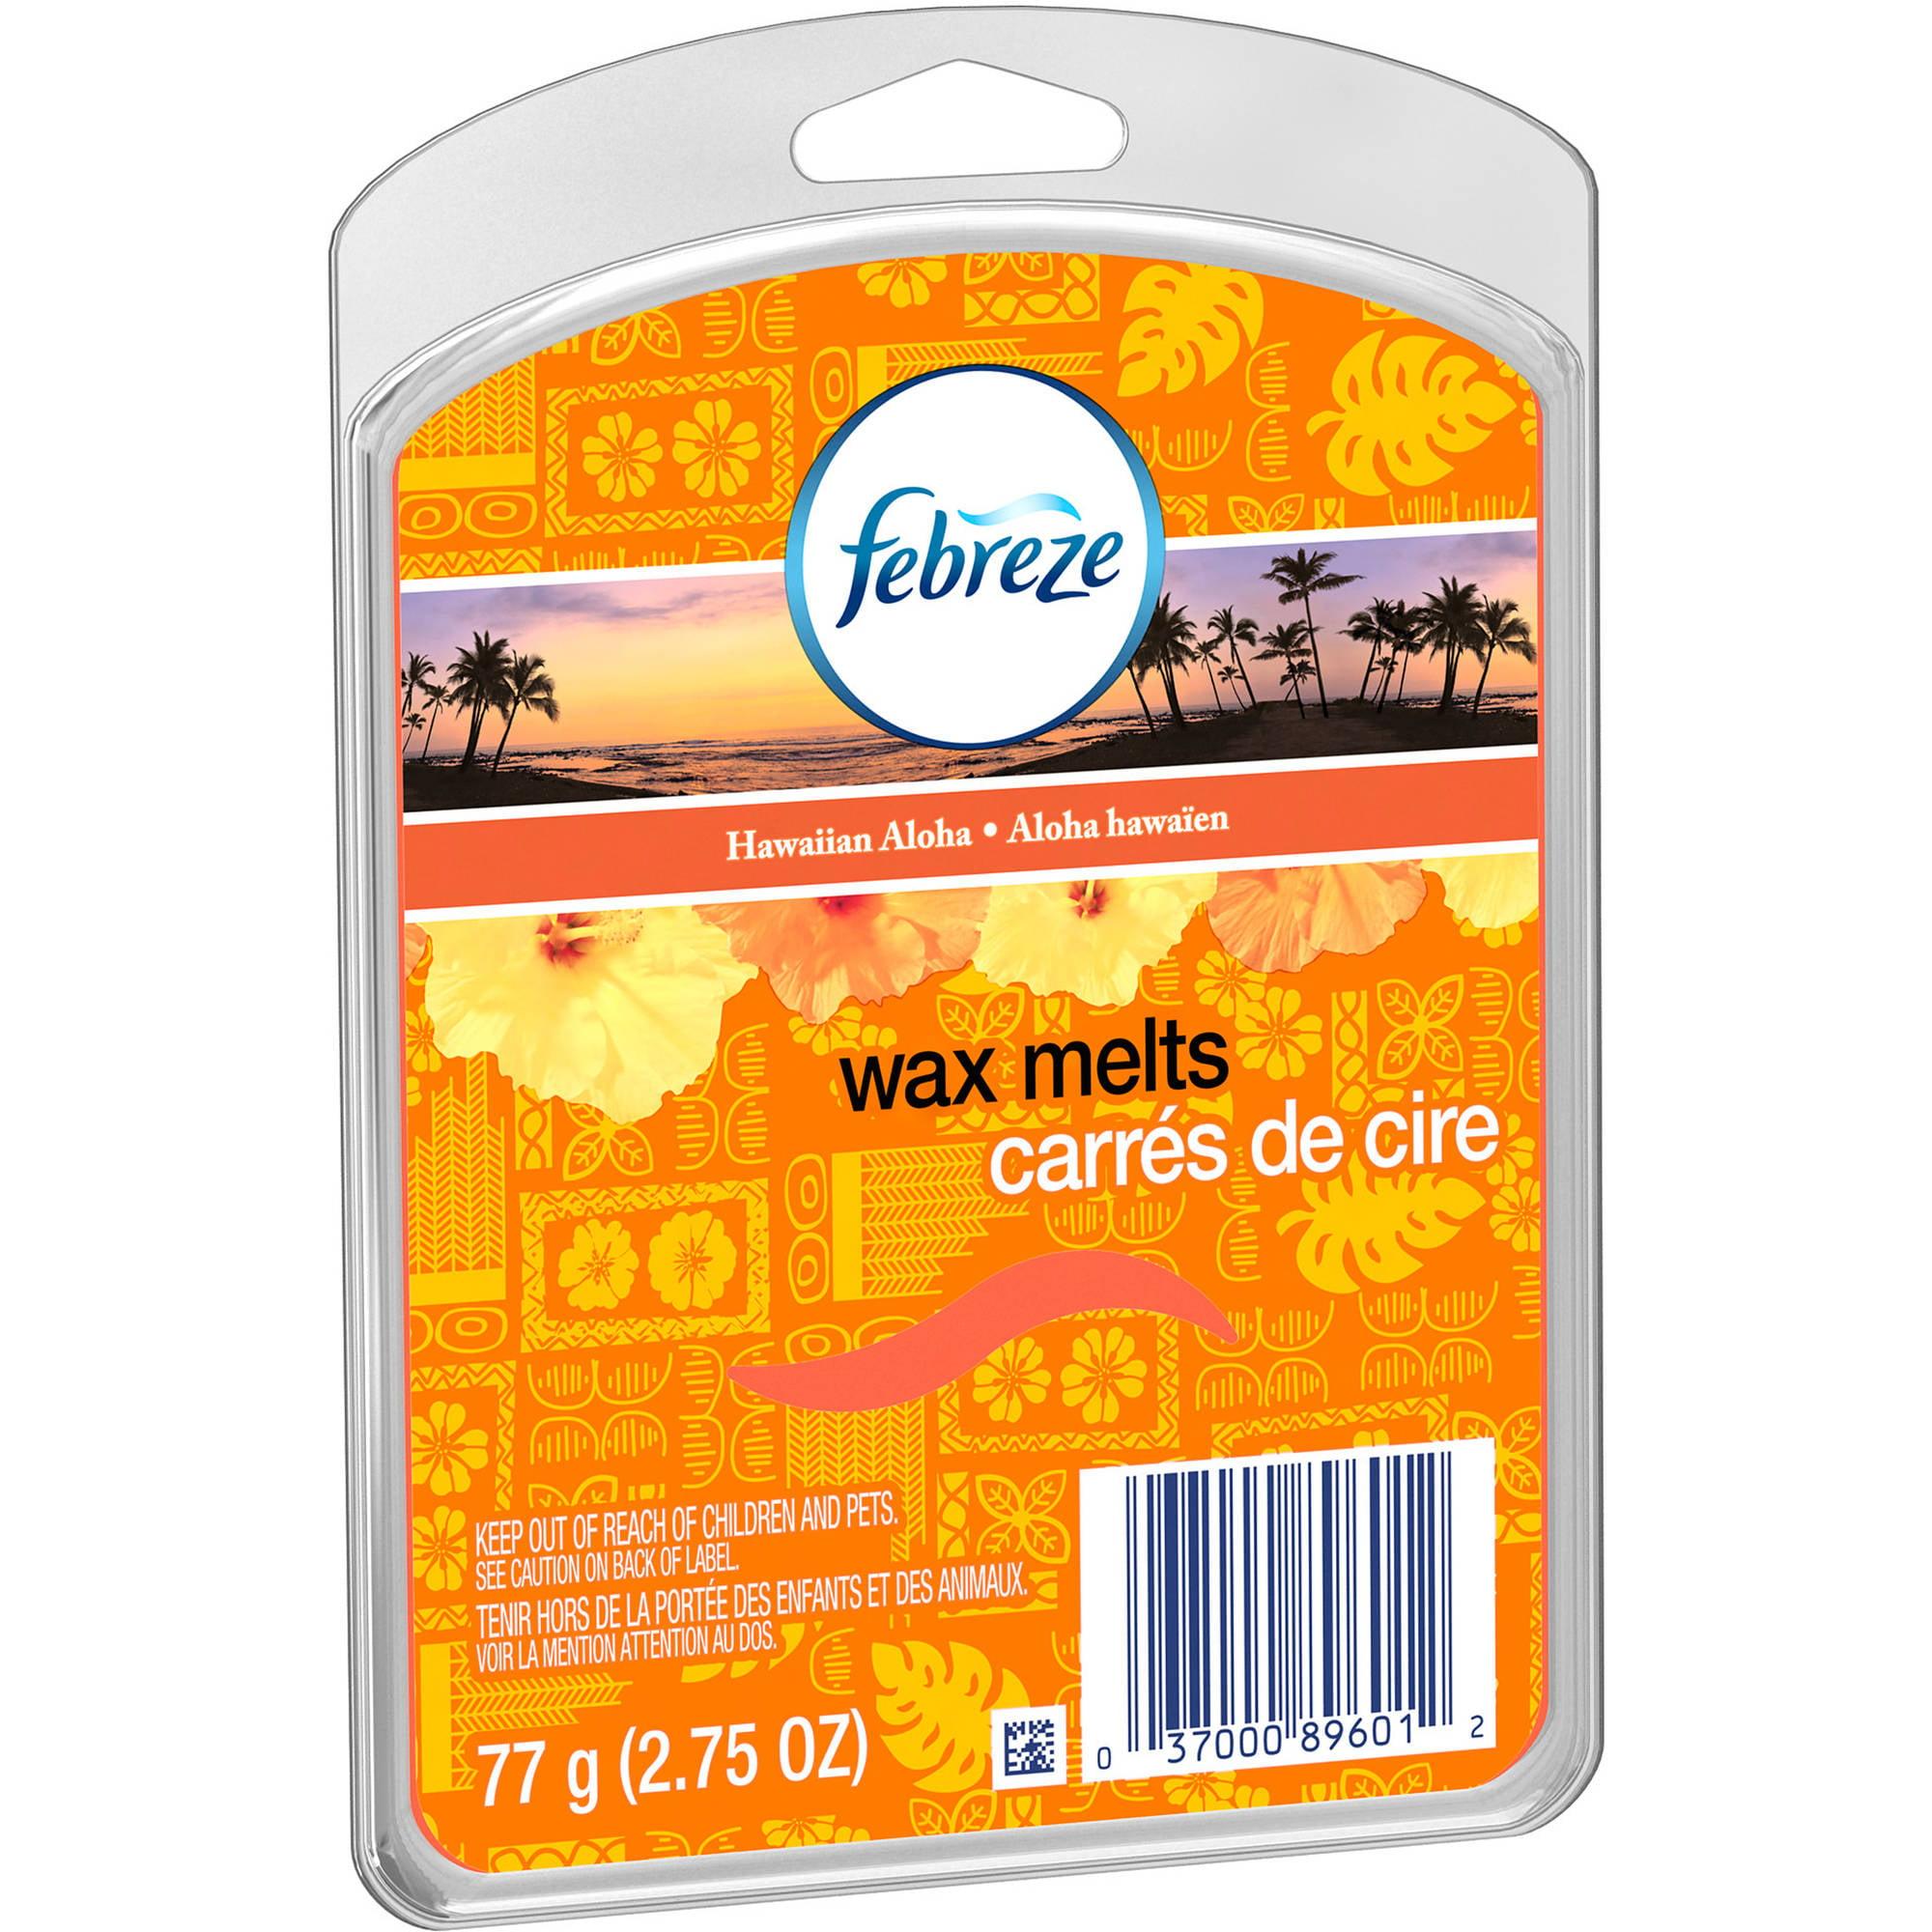 Febreze Hawaiian Aloha Wax Melts, 6 count, 2.75 oz